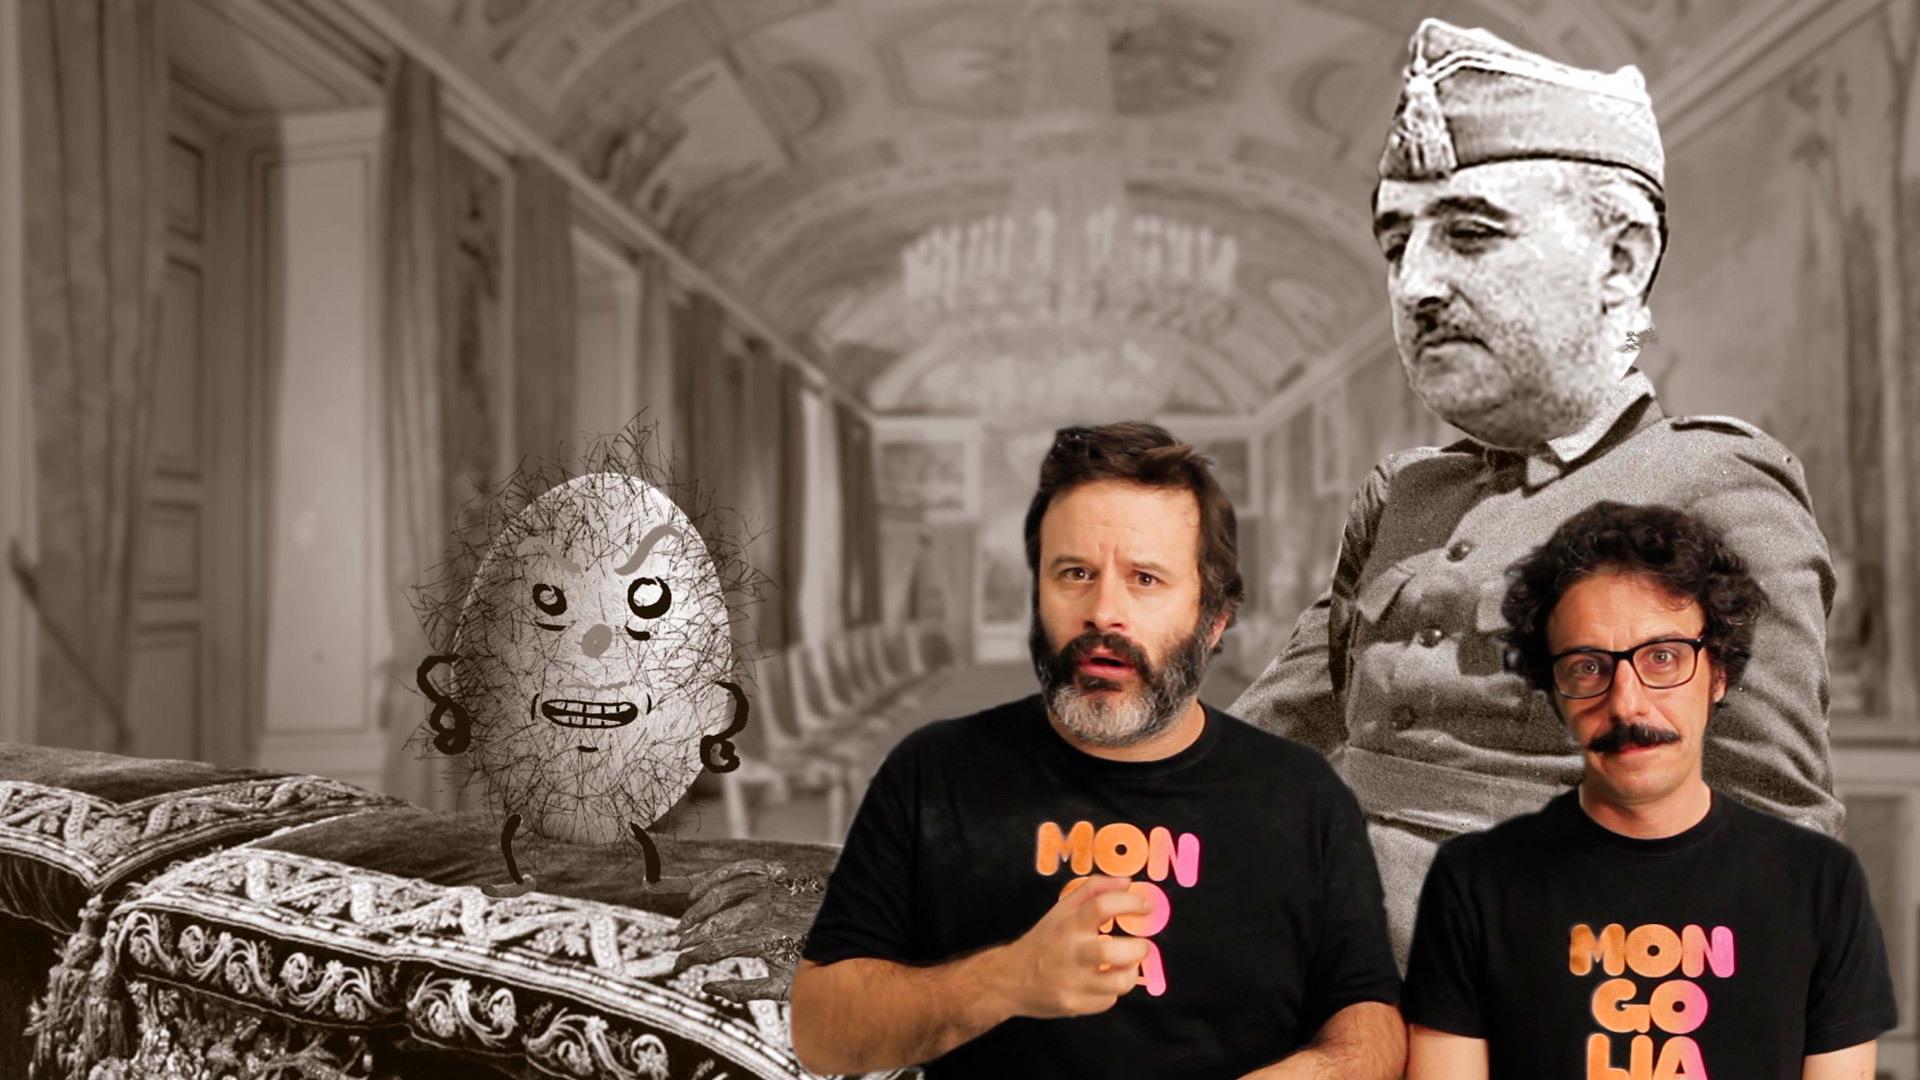 Temporada 1 ¿Qué fue del huevo izquierdo perdido de Franco?